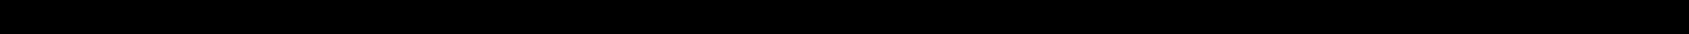 {\displaystyle det(A-E_{A}*\lambda )=(5-\lambda )*(11-\lambda )*(2-\lambda )+(-8)*2*10+10*(-8)*2-10*(11-\lambda )*10-(-8)*(-8)*(2-\lambda )-2*2*(5-\lambda )=}